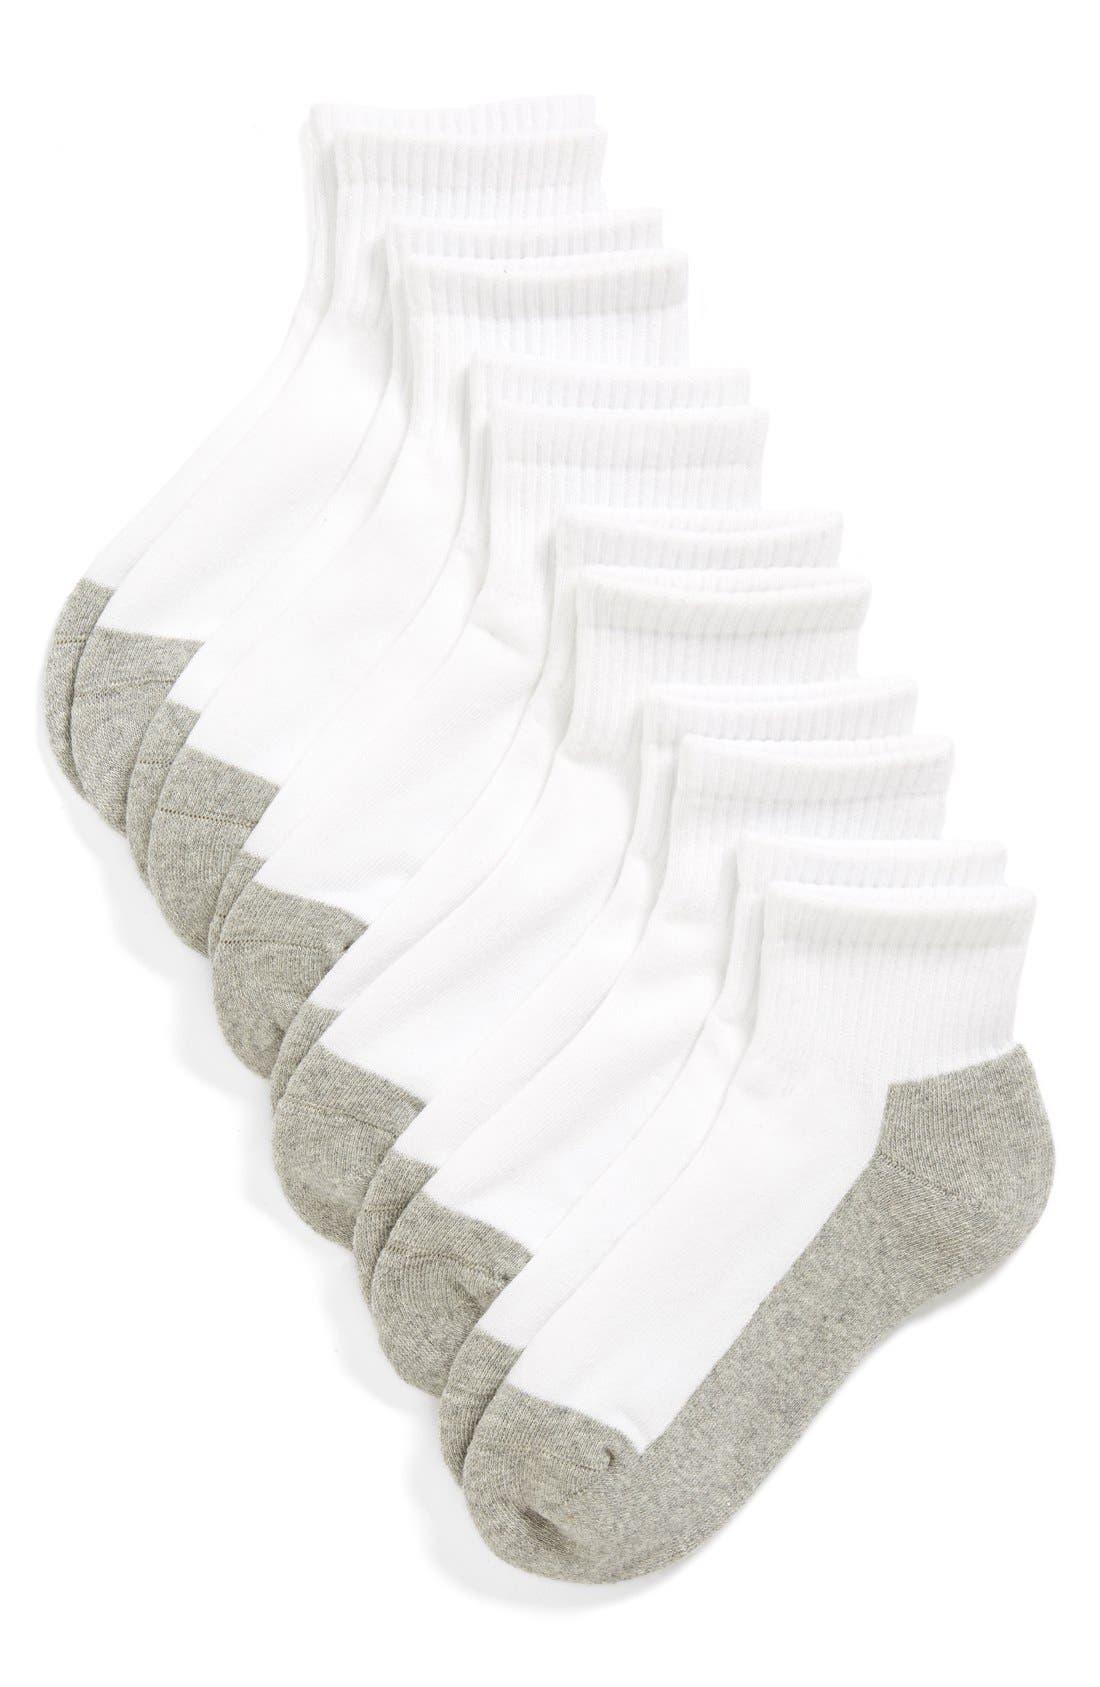 Alternate Image 1 Selected - Nordstrom 6-Pack Active Quarter Socks (Toddler, Little Kid & Big Kid)